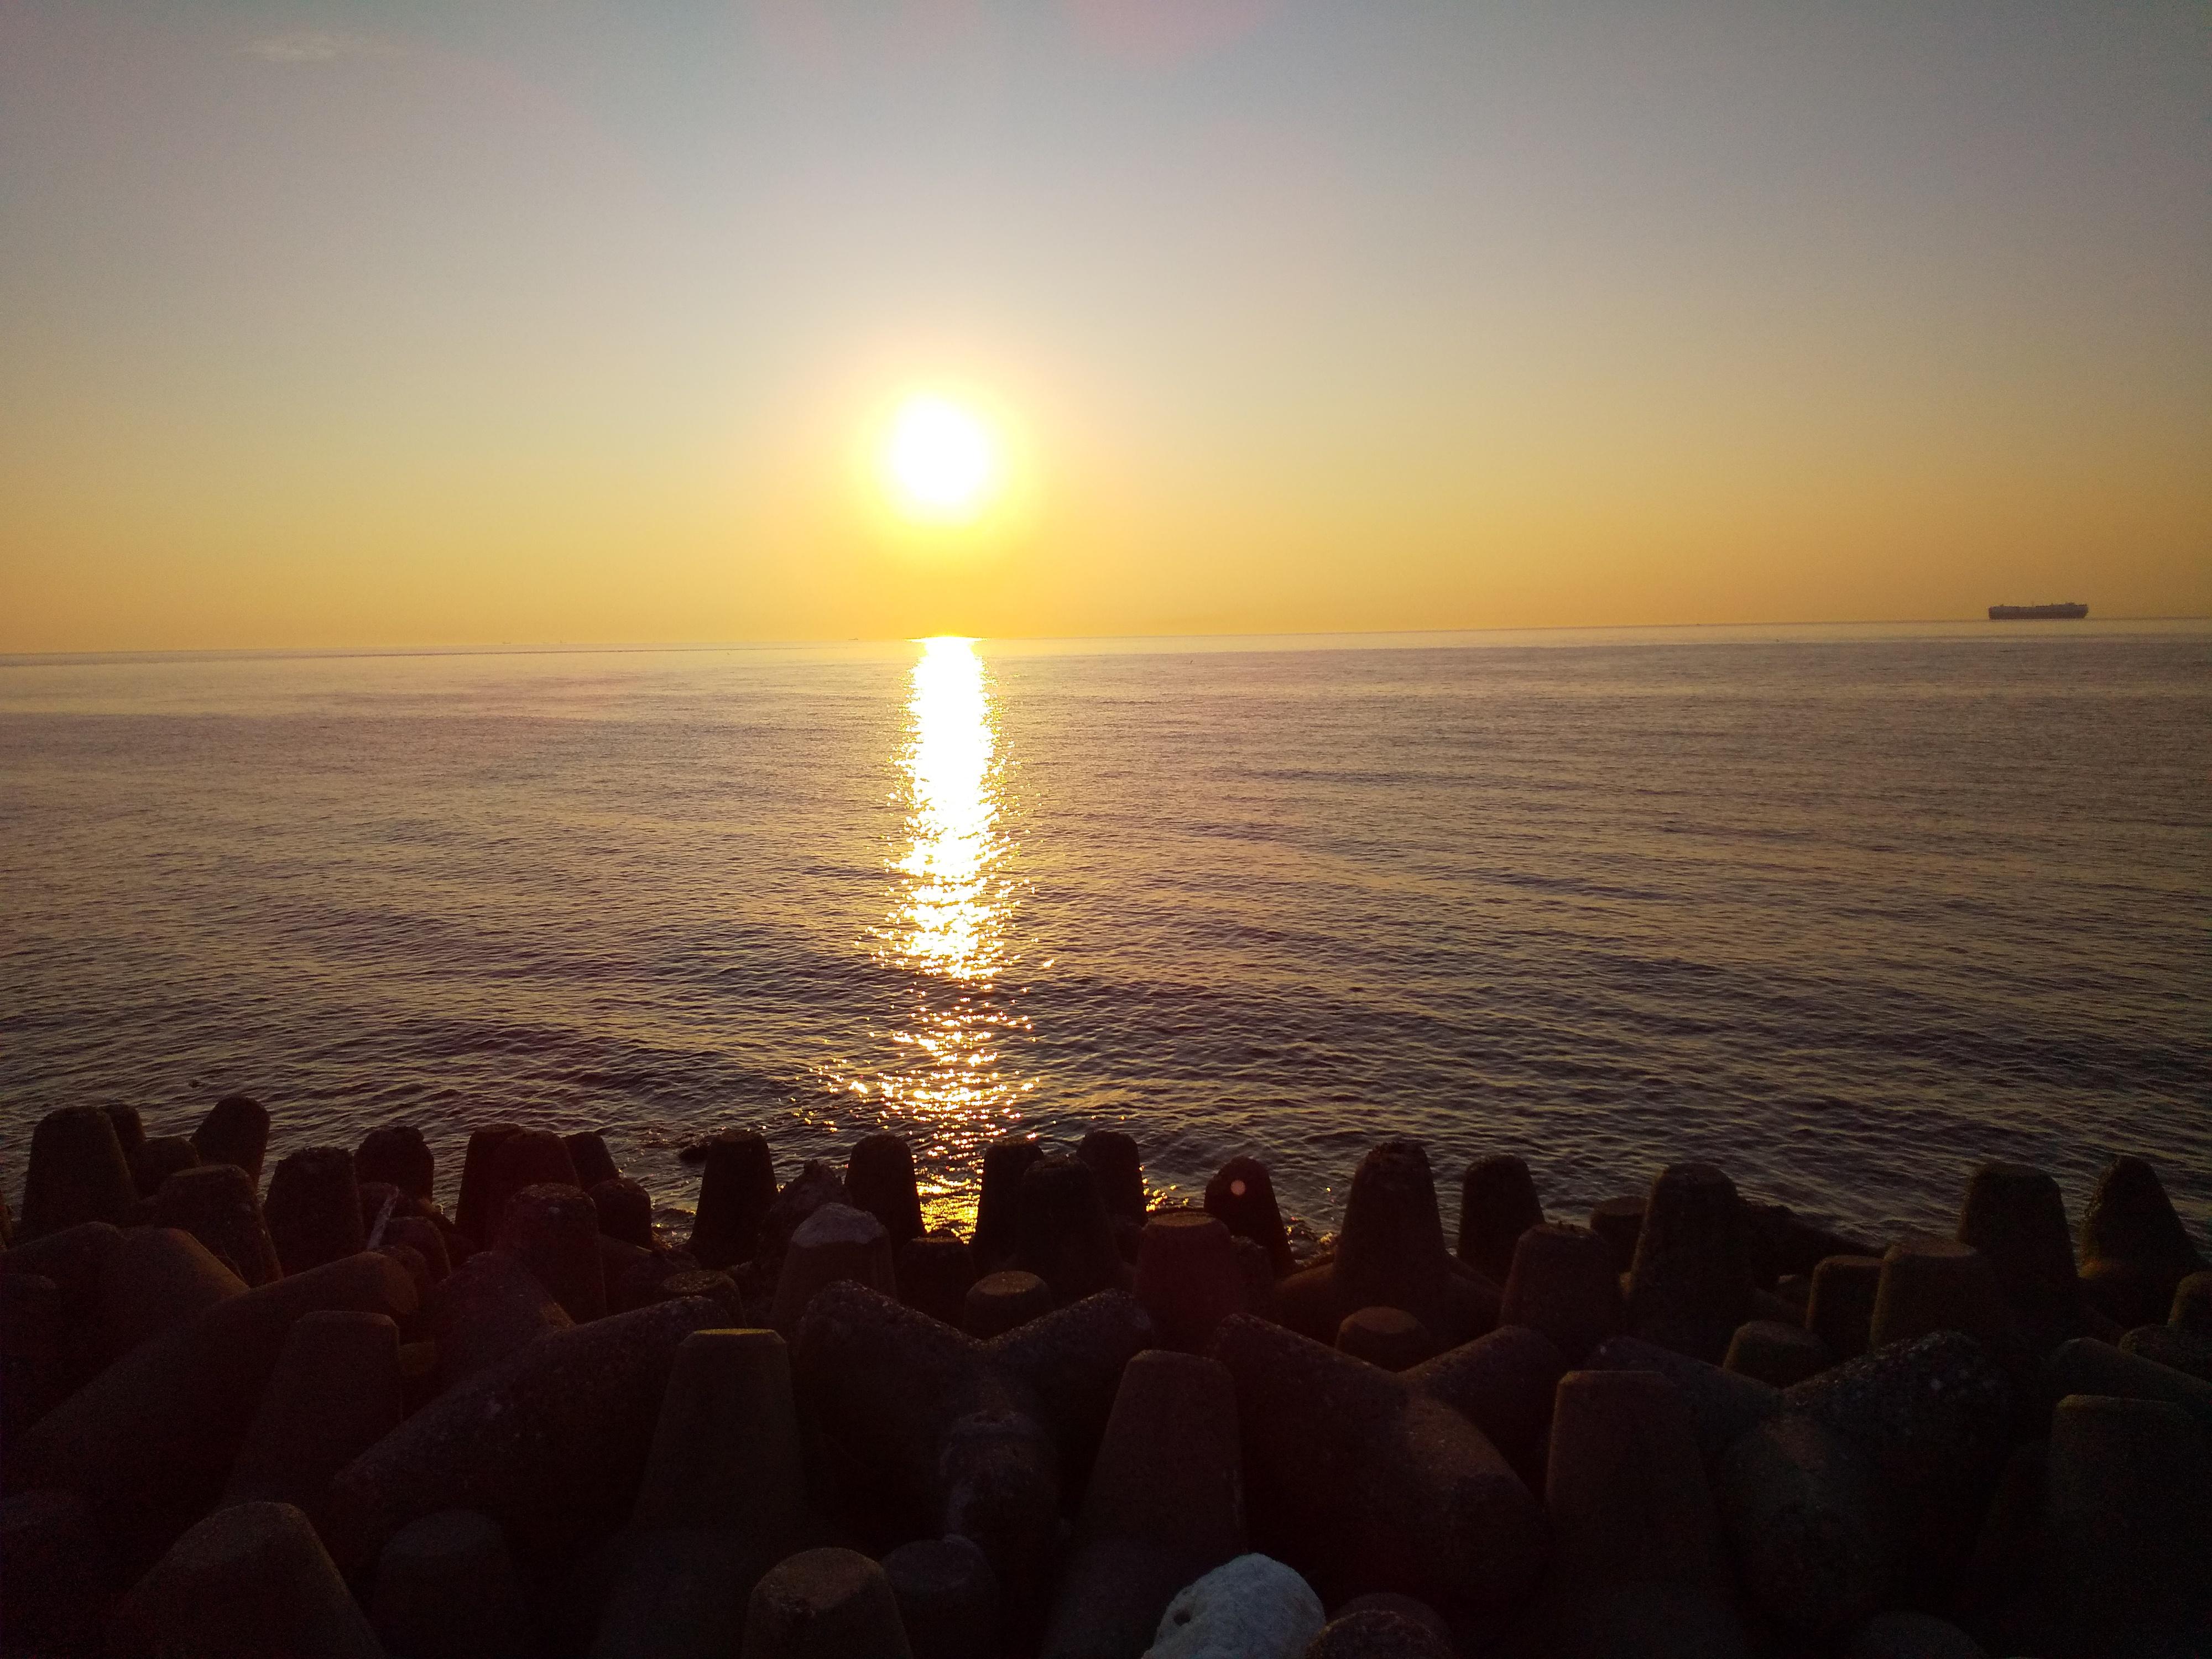 まるで海外!?夕陽が沈むロケーションも絶景!淡路島の魅力✨